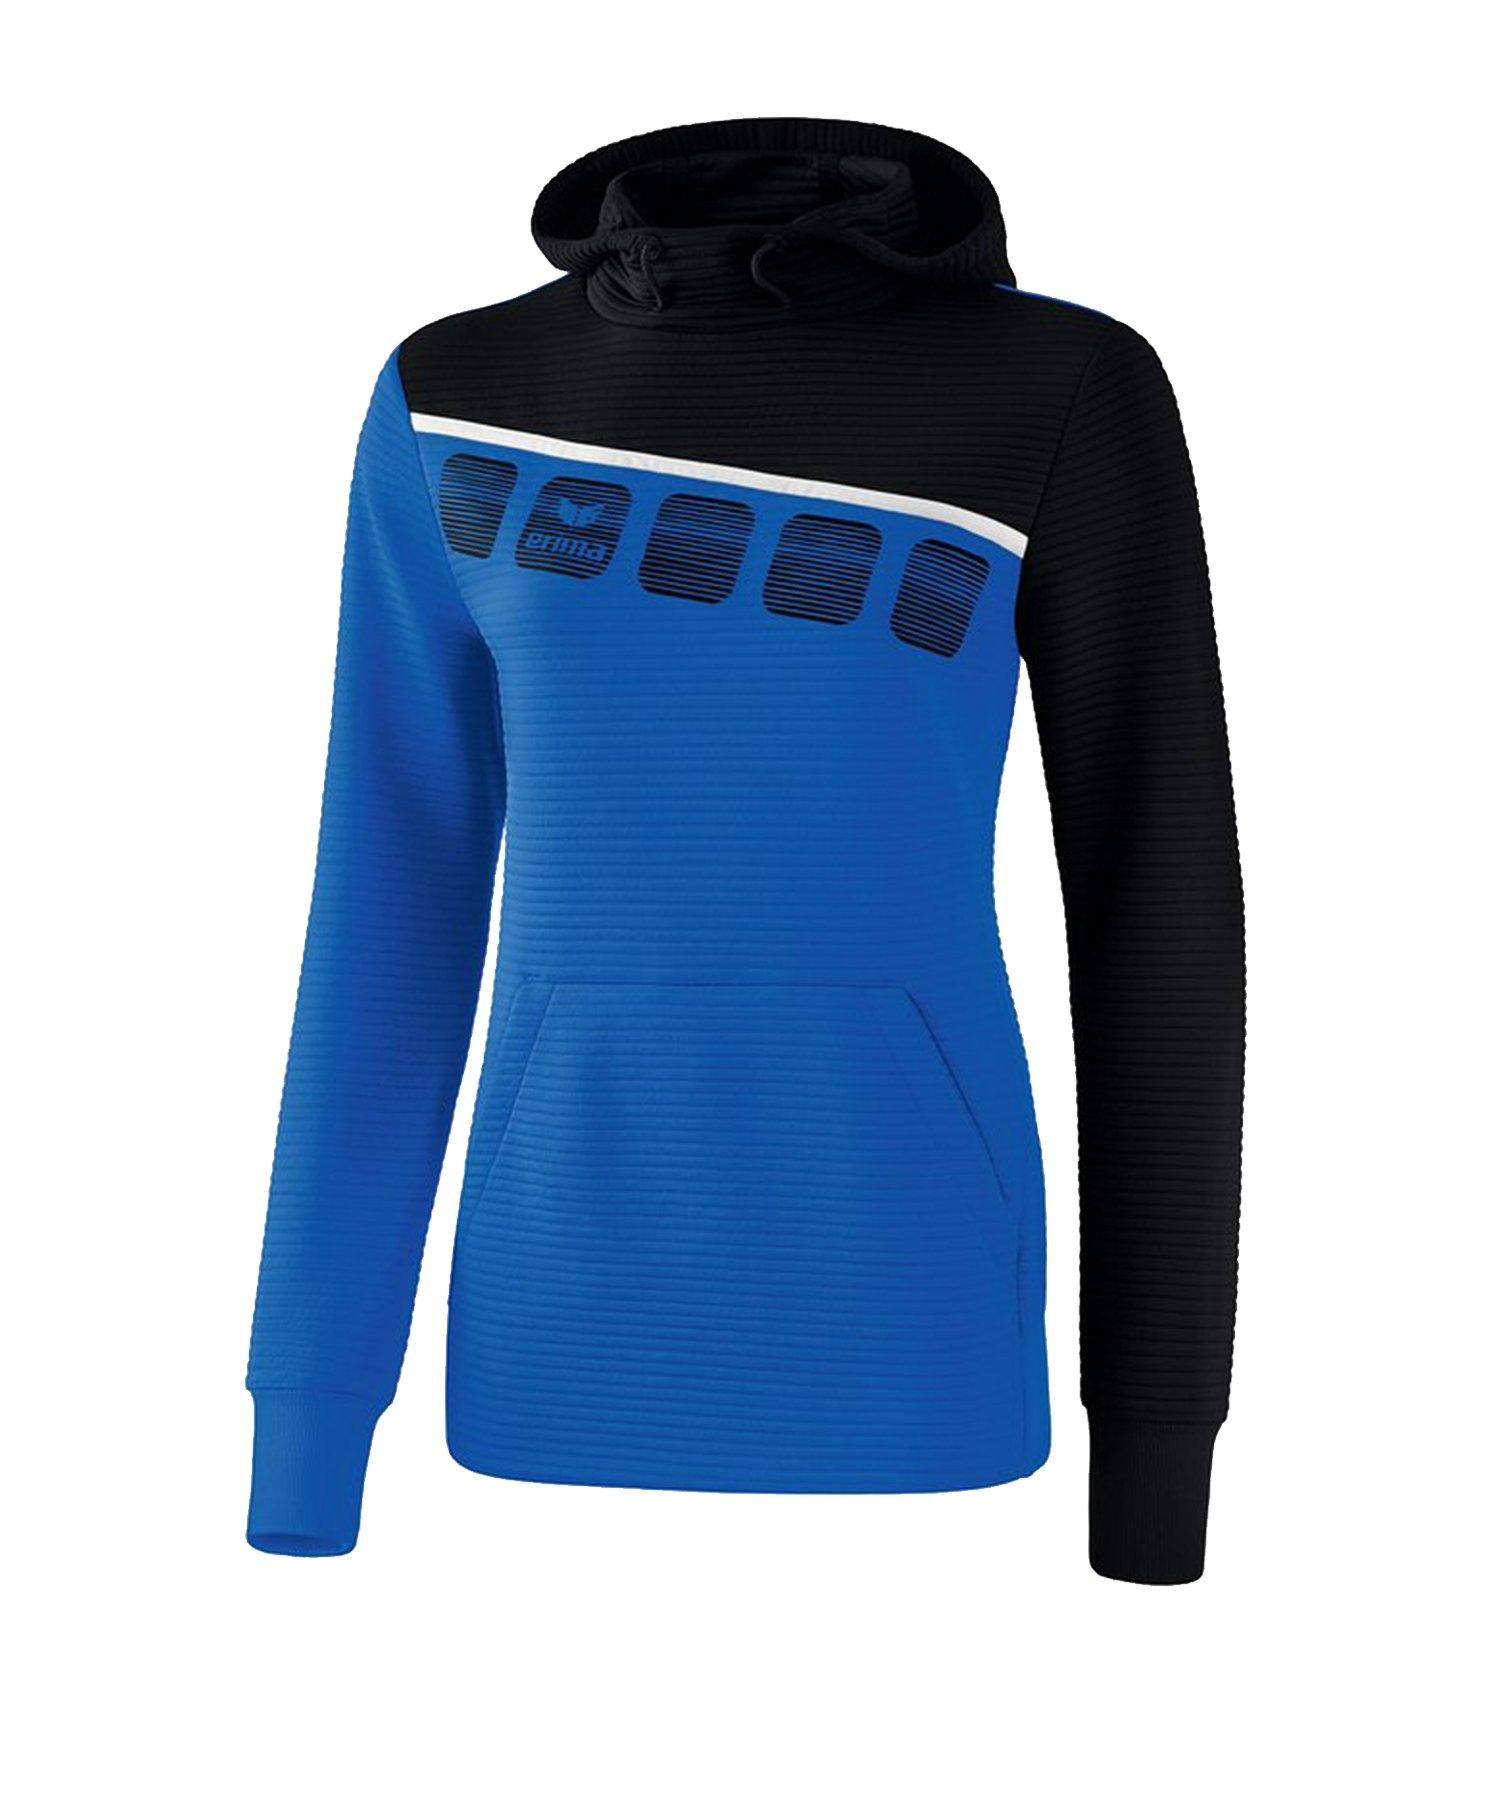 Erima 5-C Kapuzensweat Damen Blau Schwarz - Blau